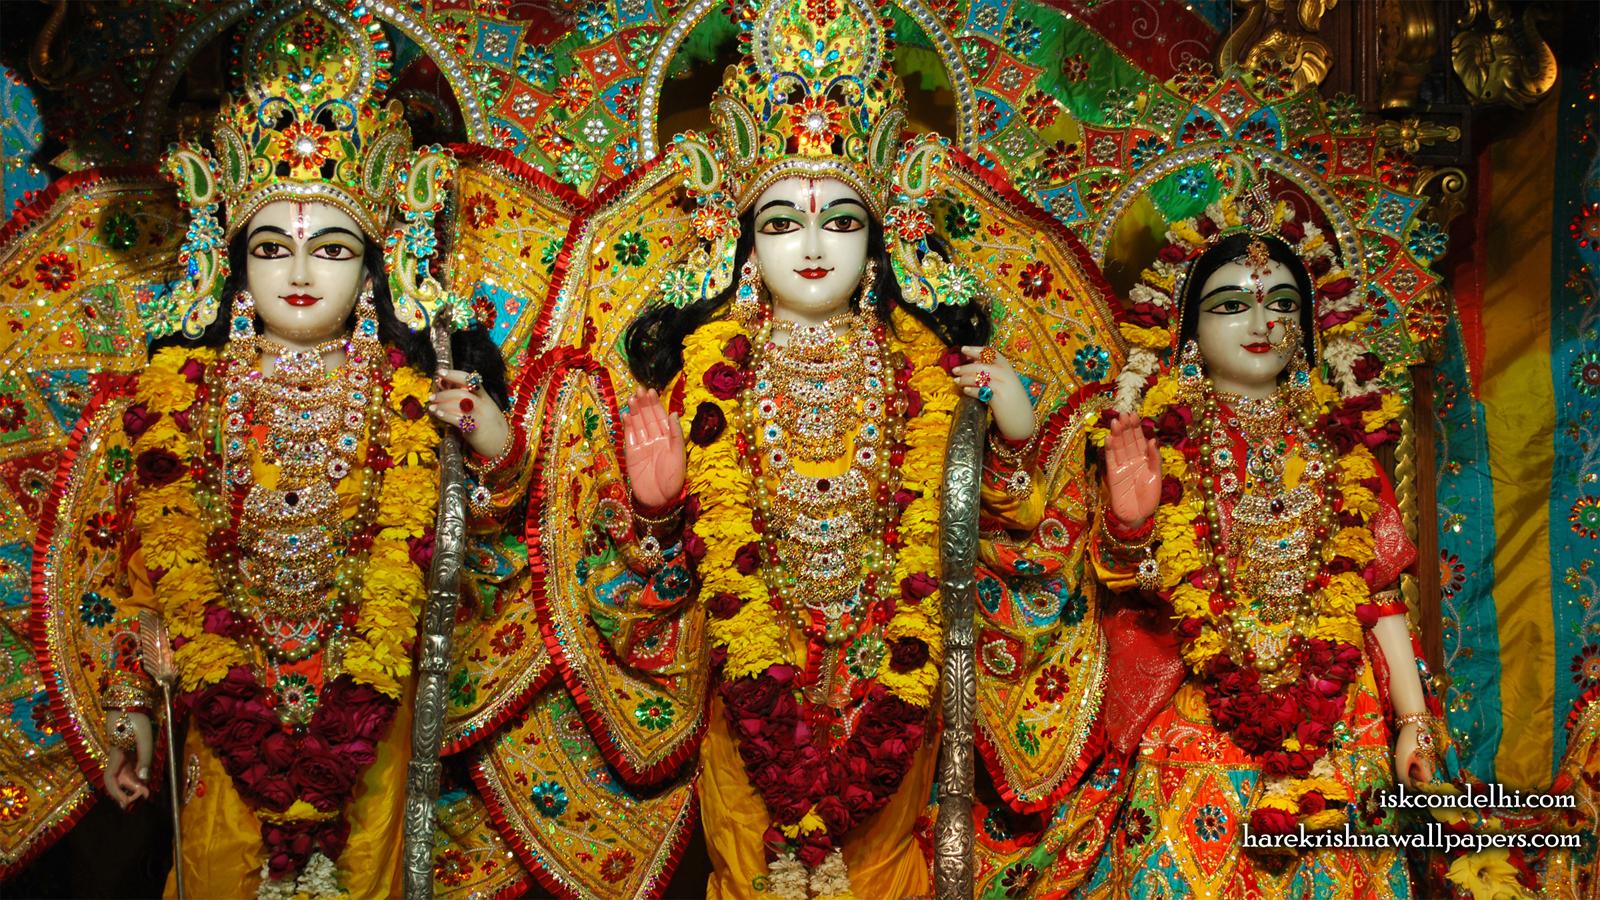 Sri Sri Sita Rama Laxman Wallpaper (004) Size 1600x900 Download